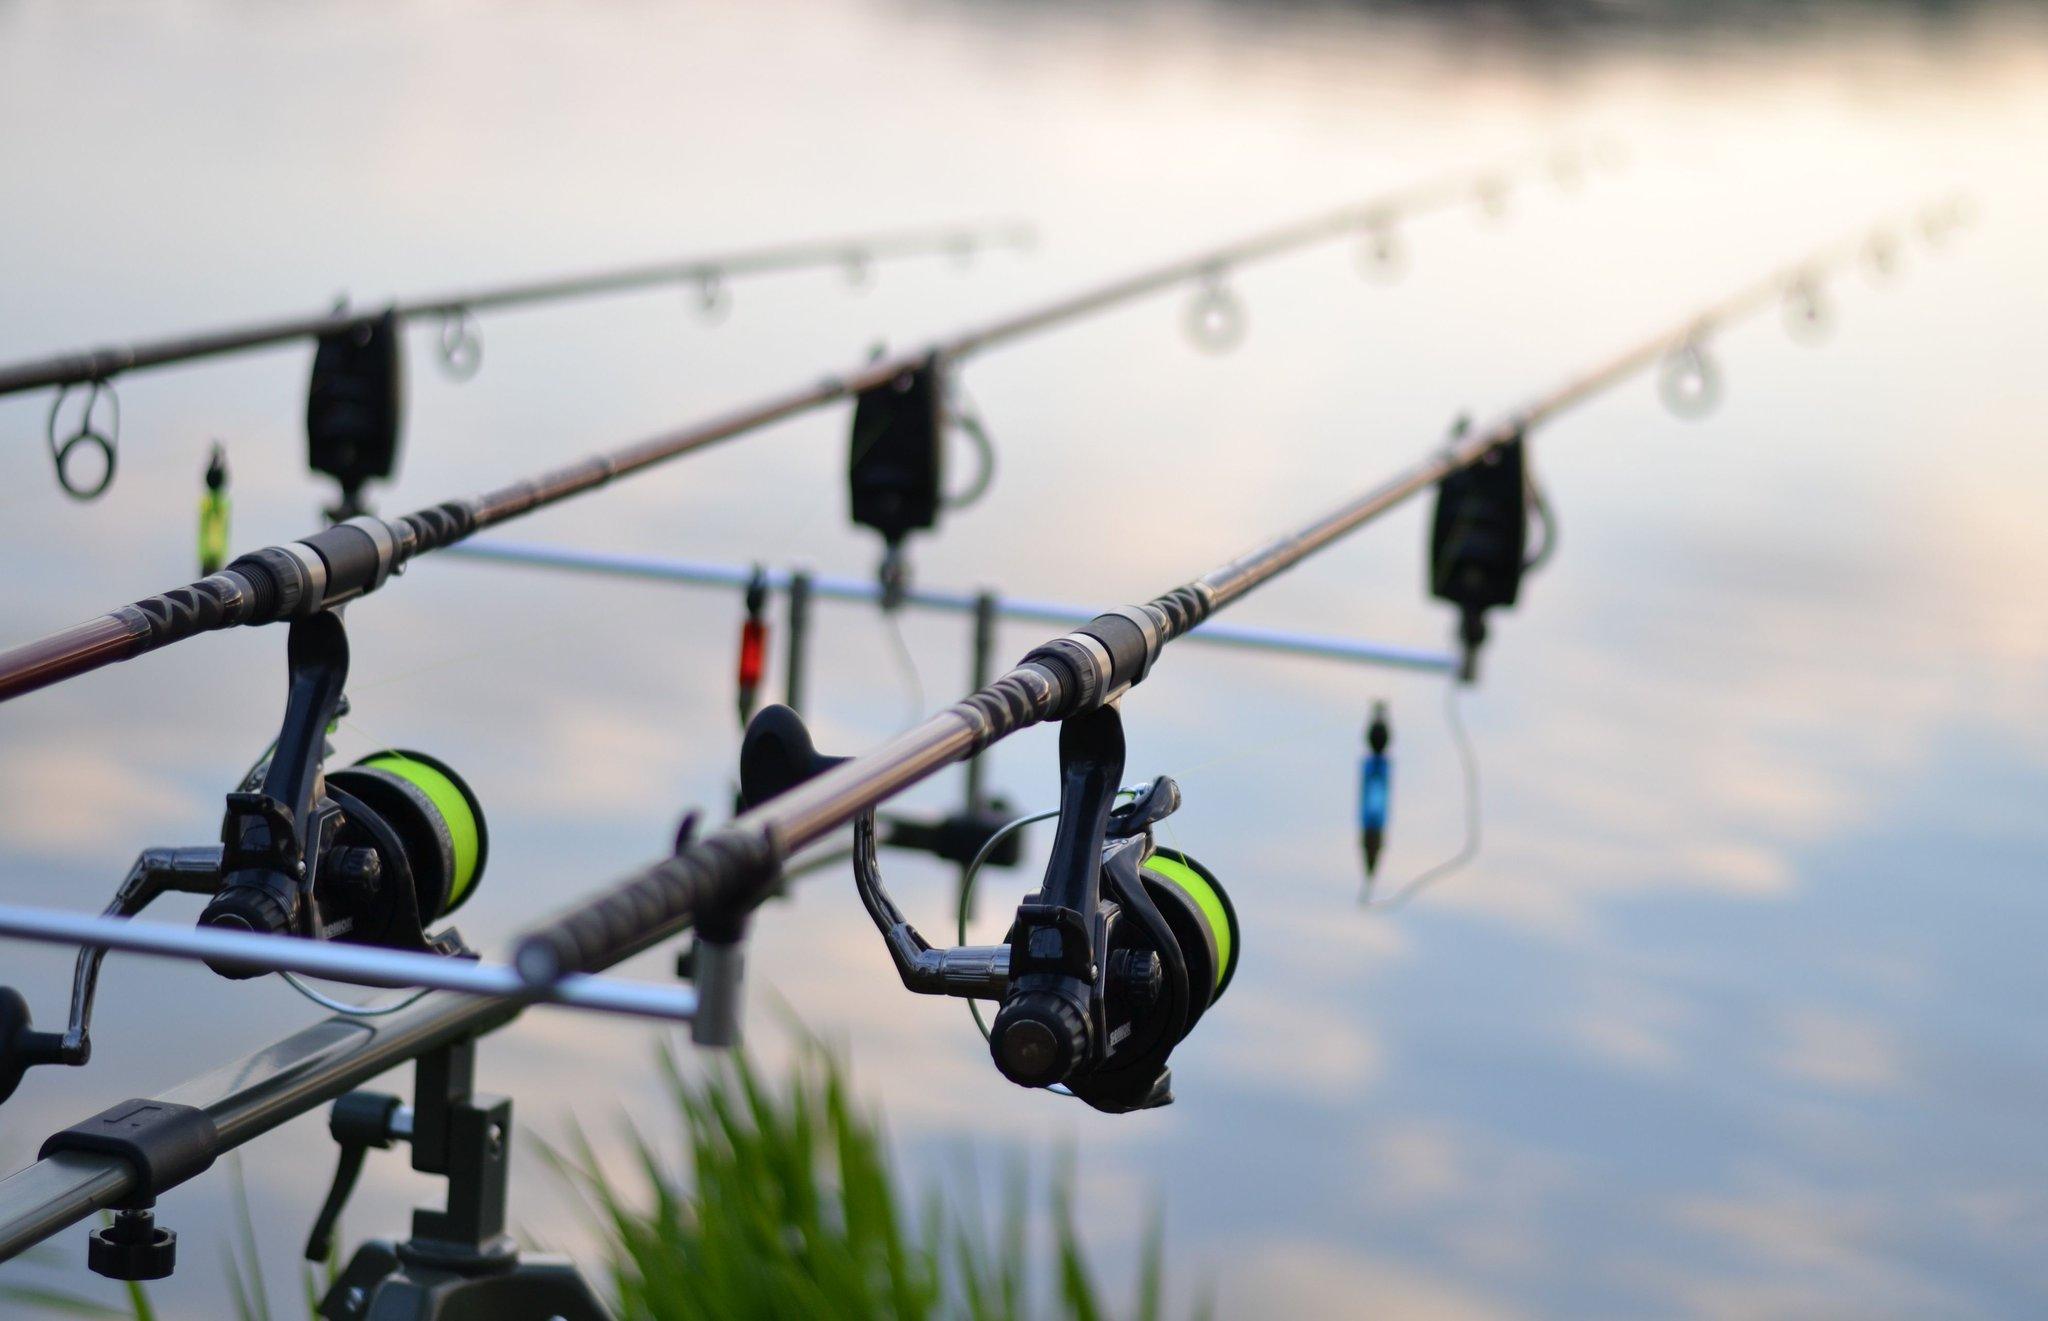 Риболовля під Києвом: ТОП безкоштовних і платних рибальських місць